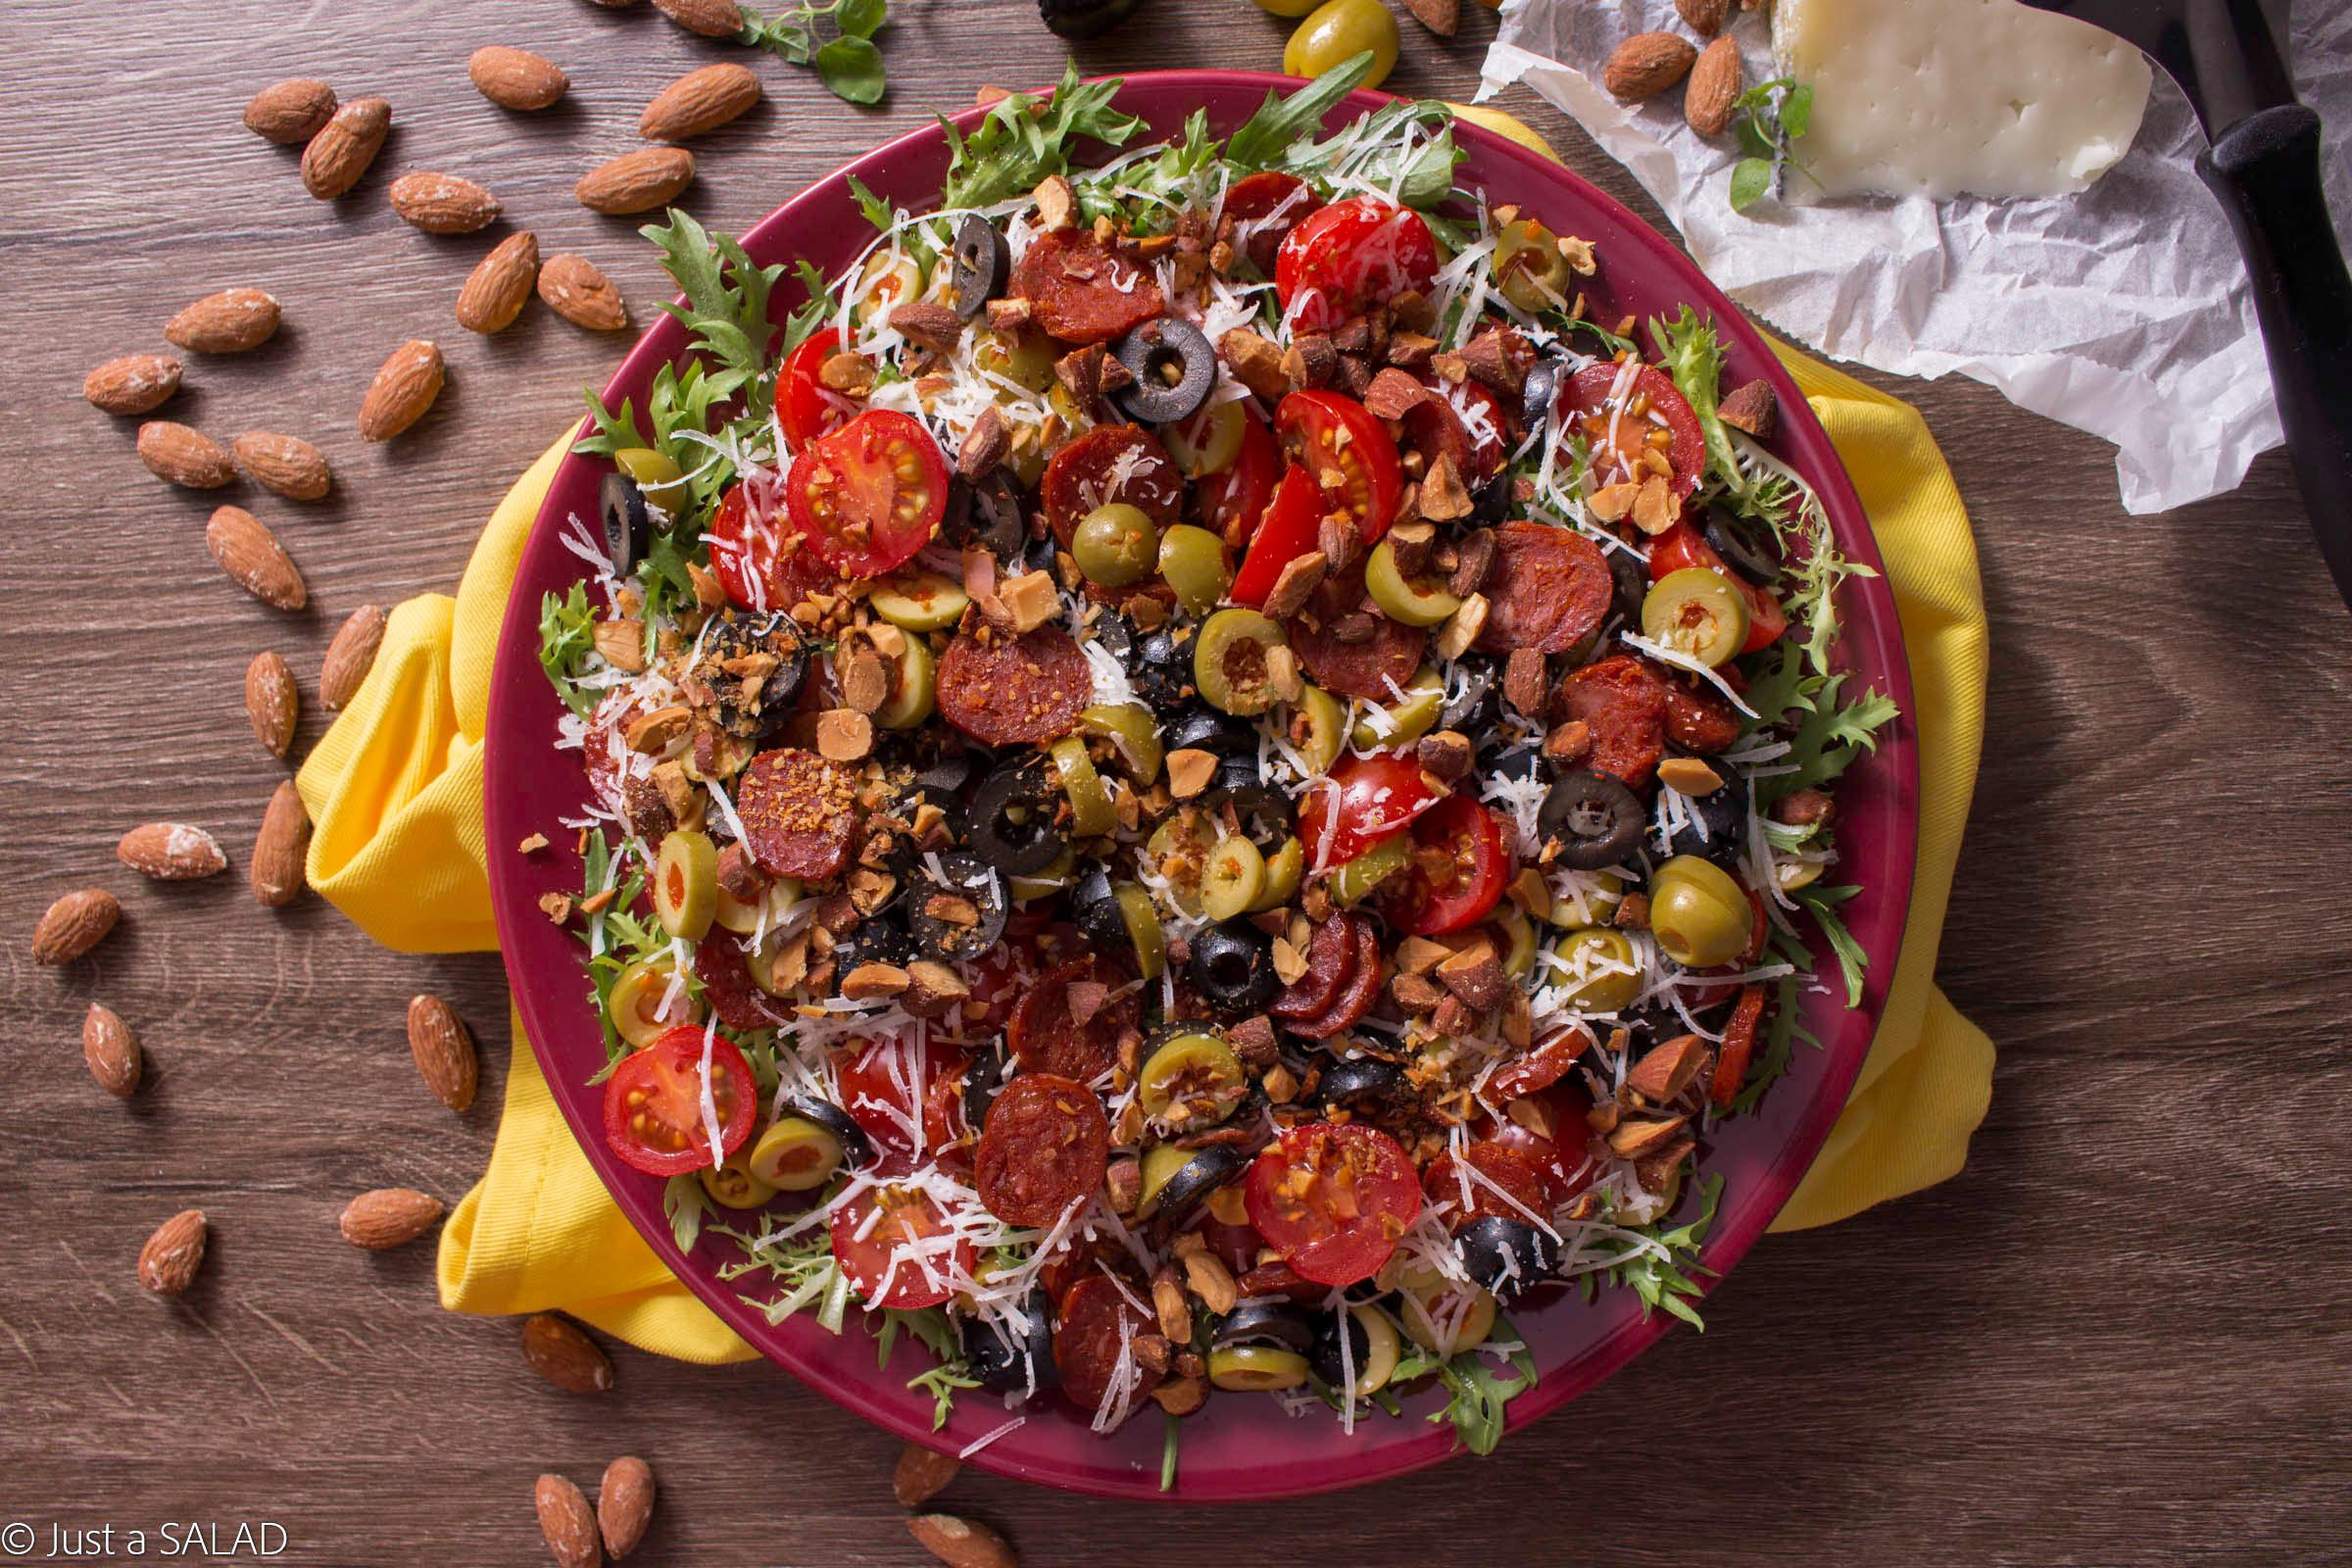 Sałatka z chorizo, owczym serem, oliwkami, pomidorami i migdałami na endywii.